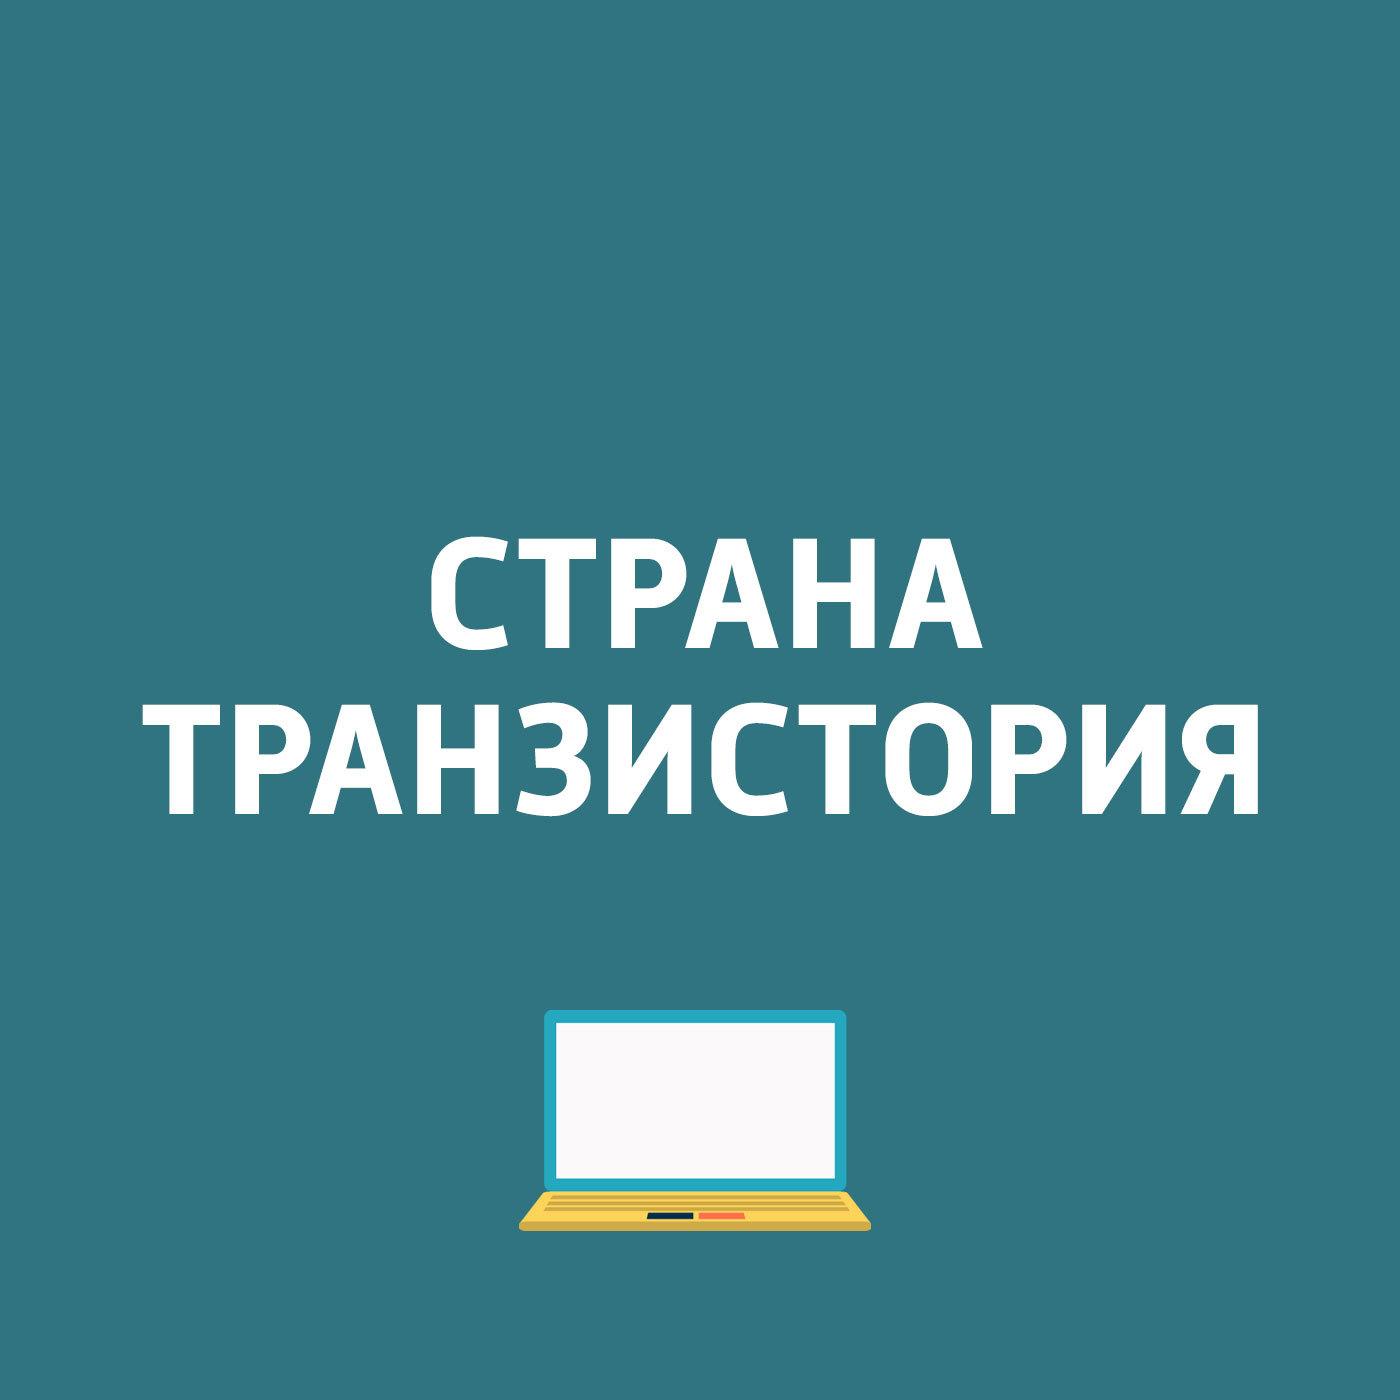 Картаев Павел Яндекс подвел музыкальные итоги года; В Twitter появились прямые трансляции без Periscope... zuk серый 3g64g